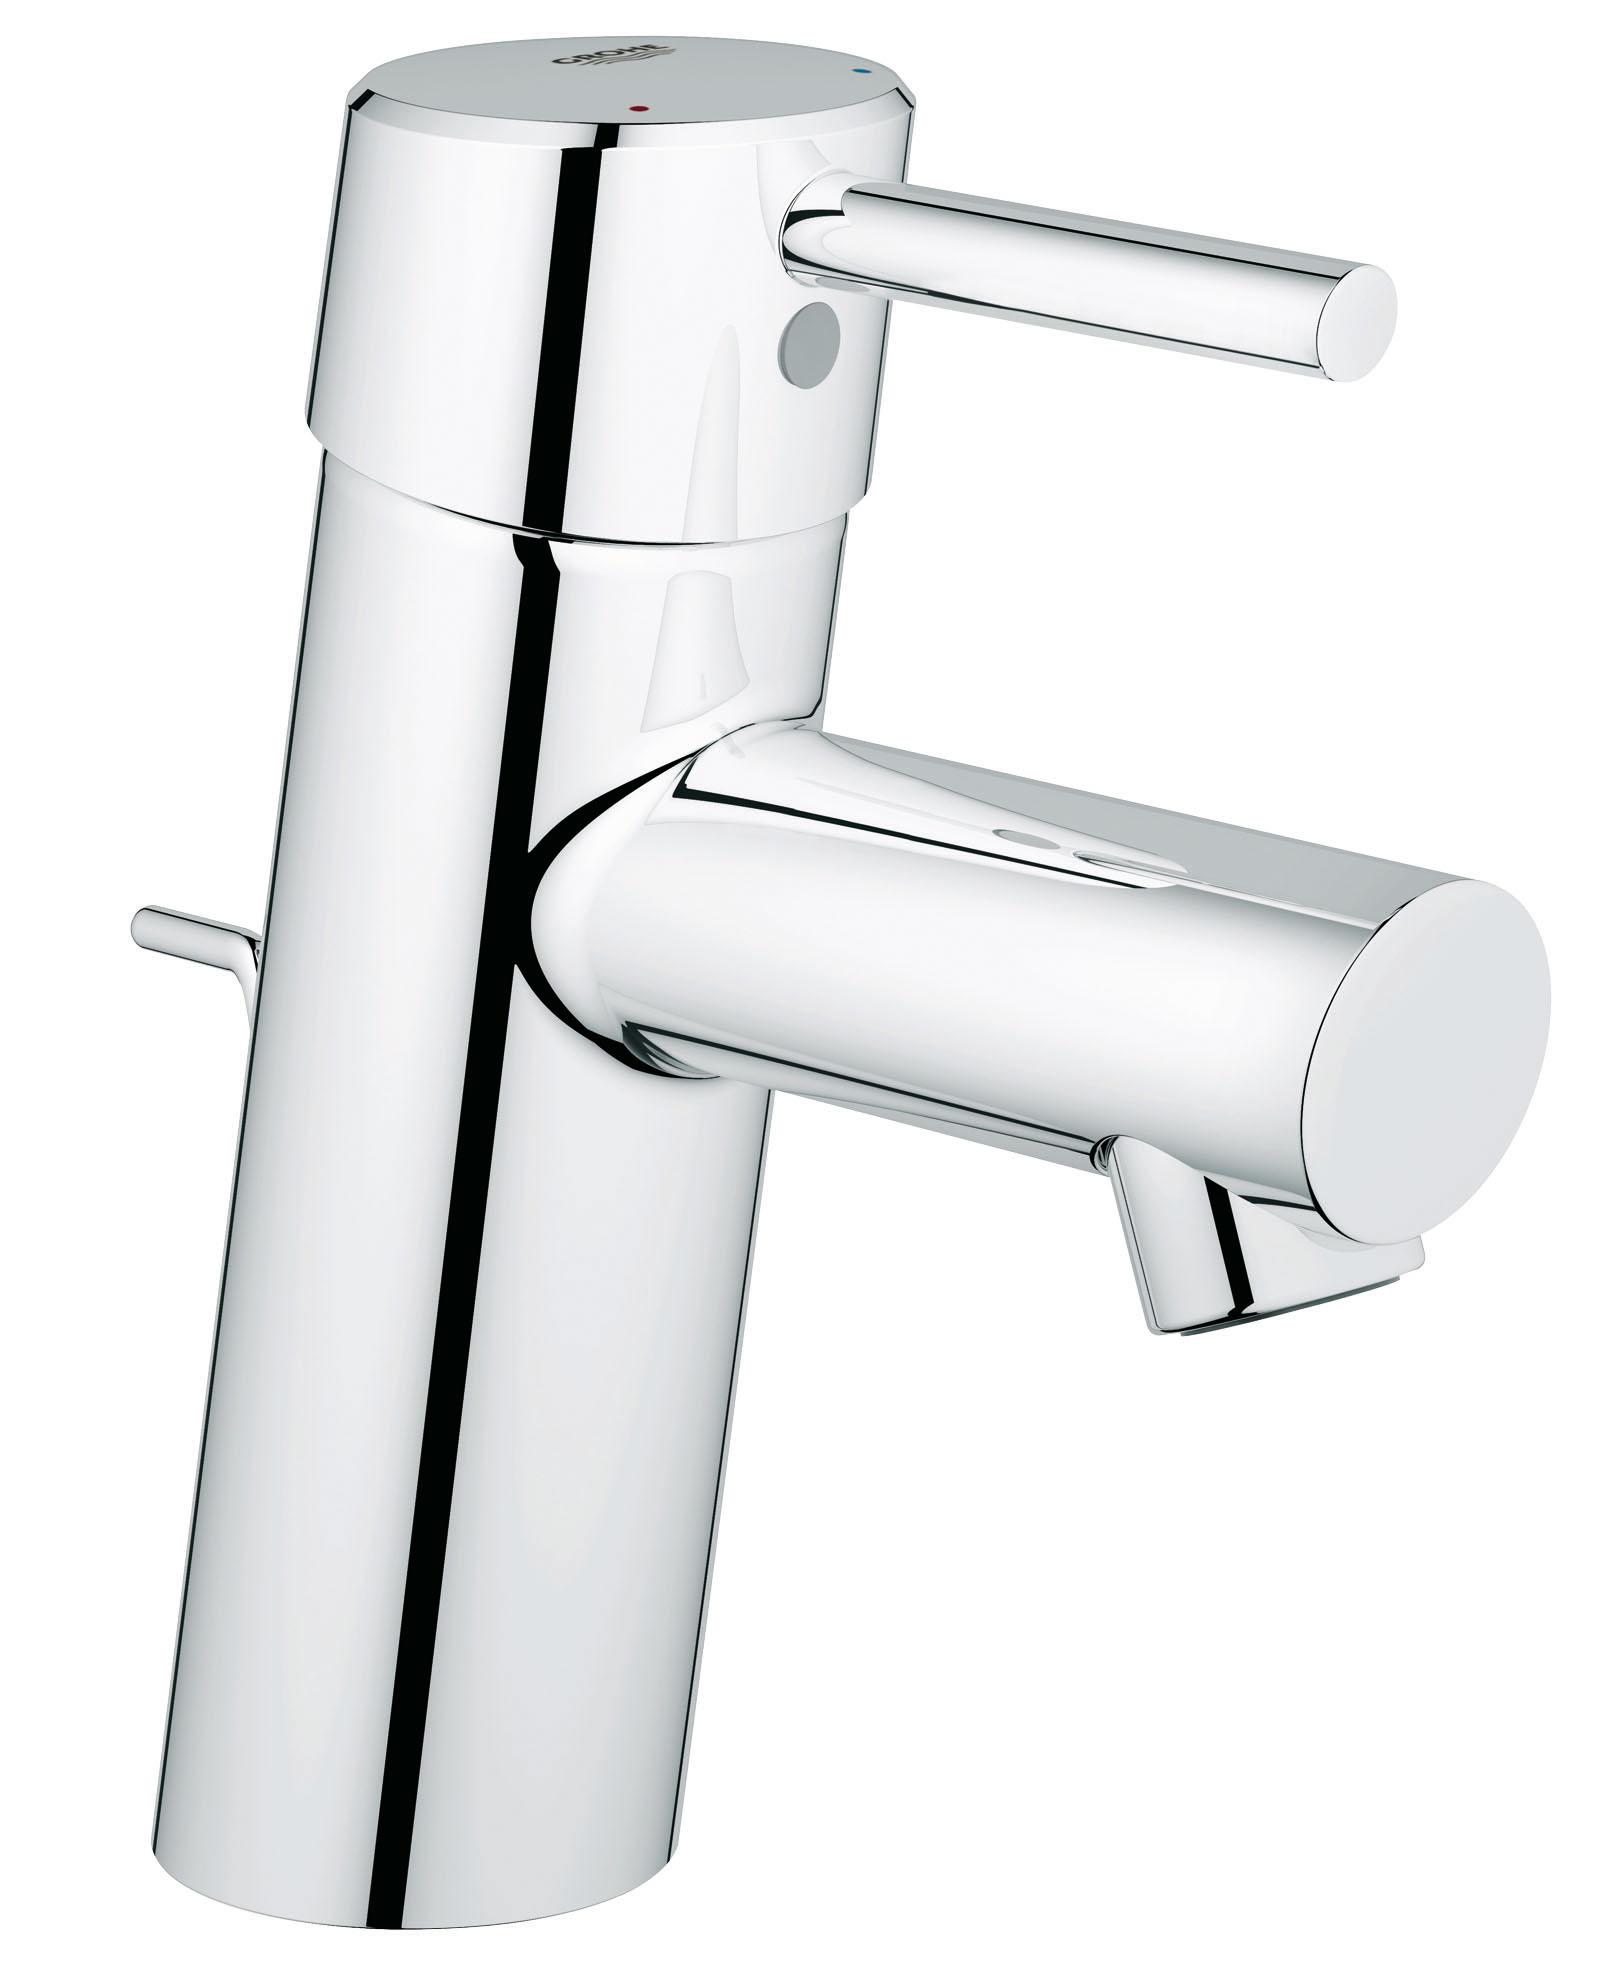 Смеситель для раковины GROHE Concetto (32204001)32204001GROHE Concetto: смеситель для ванной комнаты в современном стиле, с глянцевым хромированным покрытием Как в эстетическом, так и в функциональном отношении этот однорычажный смеситель для ванной комнаты из серии Concetto безупречен в каждой детали. Высота его излива подобрана таким образом, чтобы им было удобно пользоваться в комбинации с любой раковиной стандартного размера. С помощью подъемного штока, встроенного в корпус смесителя сзади, удобно открывать и закрывать сливной клапан. Технология GROHE SilkMove обеспечивает плавность и легкость регулировки температуры и напора воды. Износостойкое хромированное покрытие GROHE StarLight придает смесителю восхитительный блеск, который будет радовать глаз даже после многих лет эксплуатации и придавать особое очарование интерьеру Вашей ванной комнаты. Этот продуманный во всех отношениях смеситель комплектуется системой упрощенного монтажа, которая поможет Вам установить его практически мгновенно.Особенности:Монтаж на одно отверстие Металлический рычаг GROHE SilkMove керамический картридж 28 мм GROHE StarLight хромированная поверхностьАэратор Сливной гарнитур 1 1/4? Гибкая подводка GROHE QuickFixTM быстрая монтажная система Класс шума I по DIN 4109С ограничителем температуры Дополнительный ограничитель температуры Видео по установке является исключительно информационным. Установка должна проводиться профессионалами! Характеристики:Материал: металл. Цвет: хром. Количество монтажных отверстий: 2. Размер упаковки: 50 см x 22,5 см x 7 см. Артикул: 32204001.